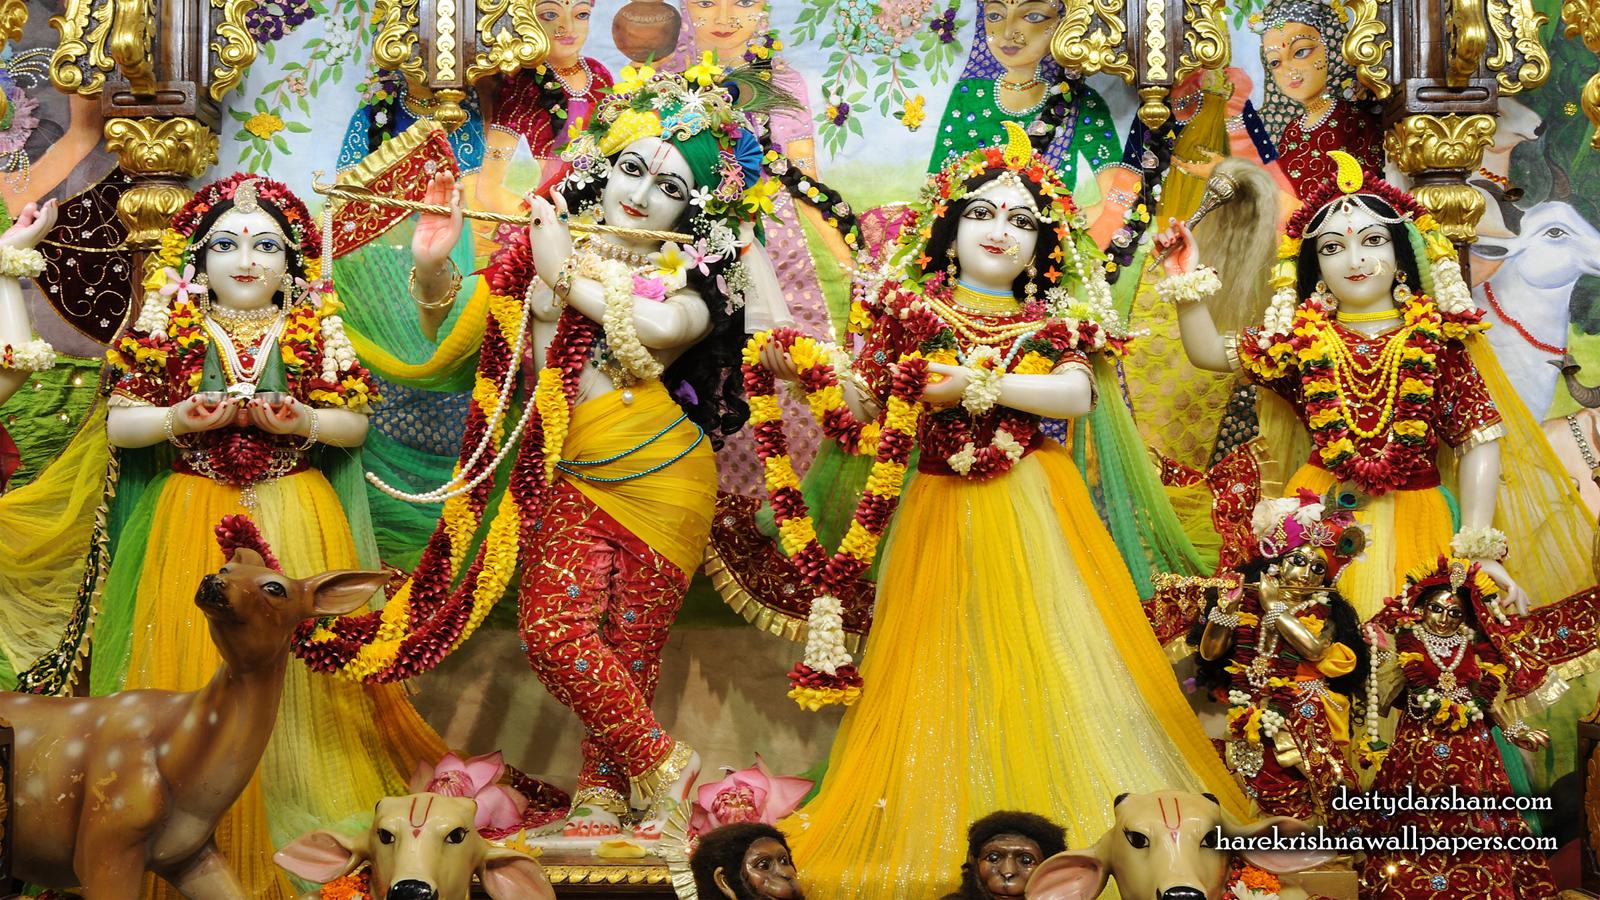 Sri Sri Radha Gopinath Lalita Vishakha Wallpaper (059) Size 1600x900 Download